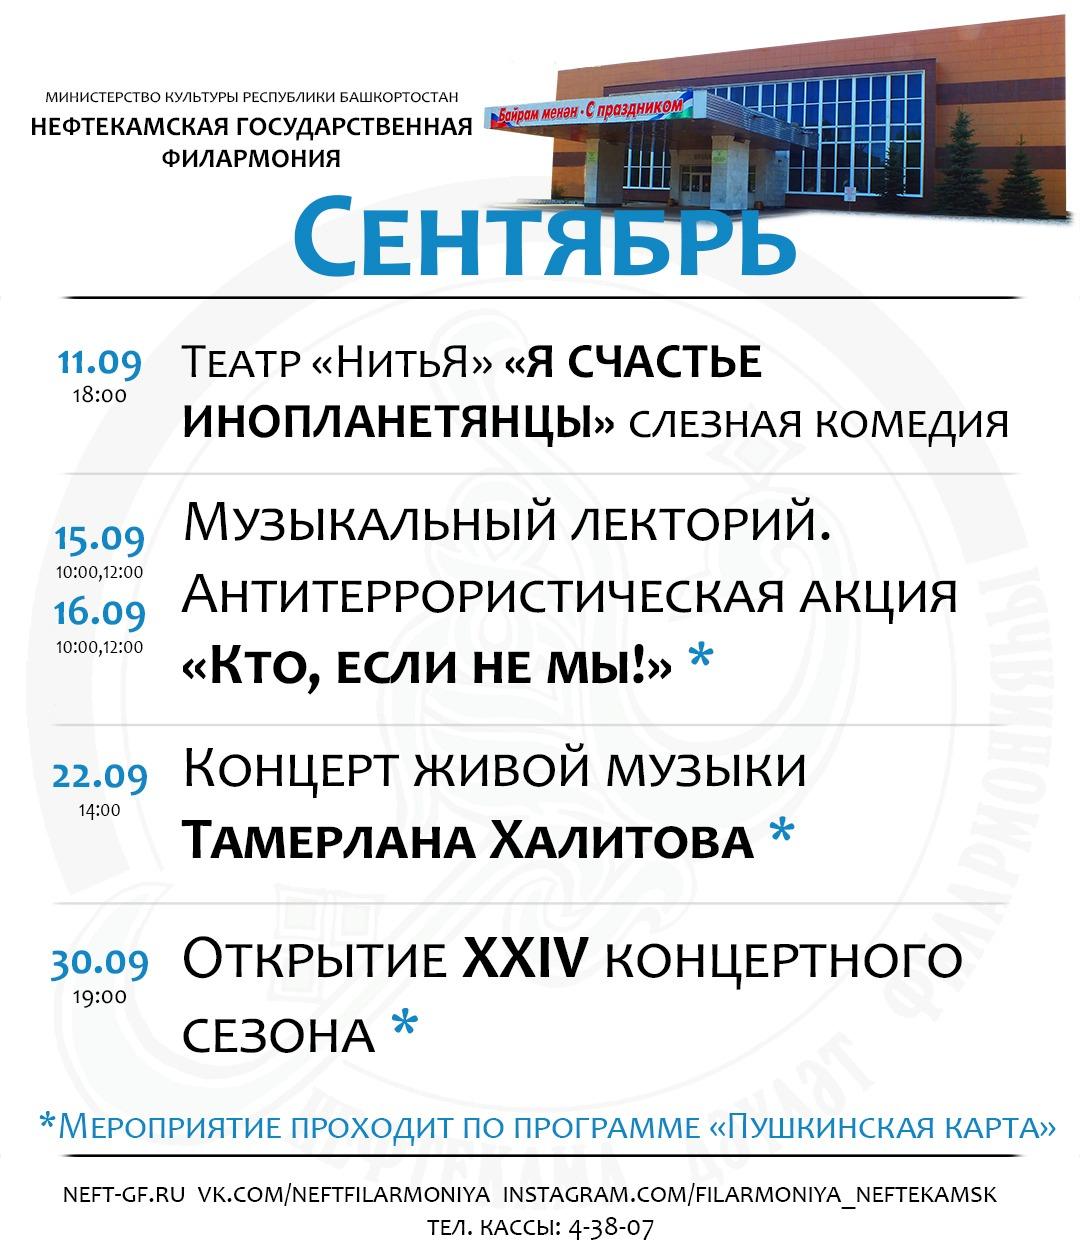 Репертуар Нефтекамской государственной филармонии на сентябрь 2021 года